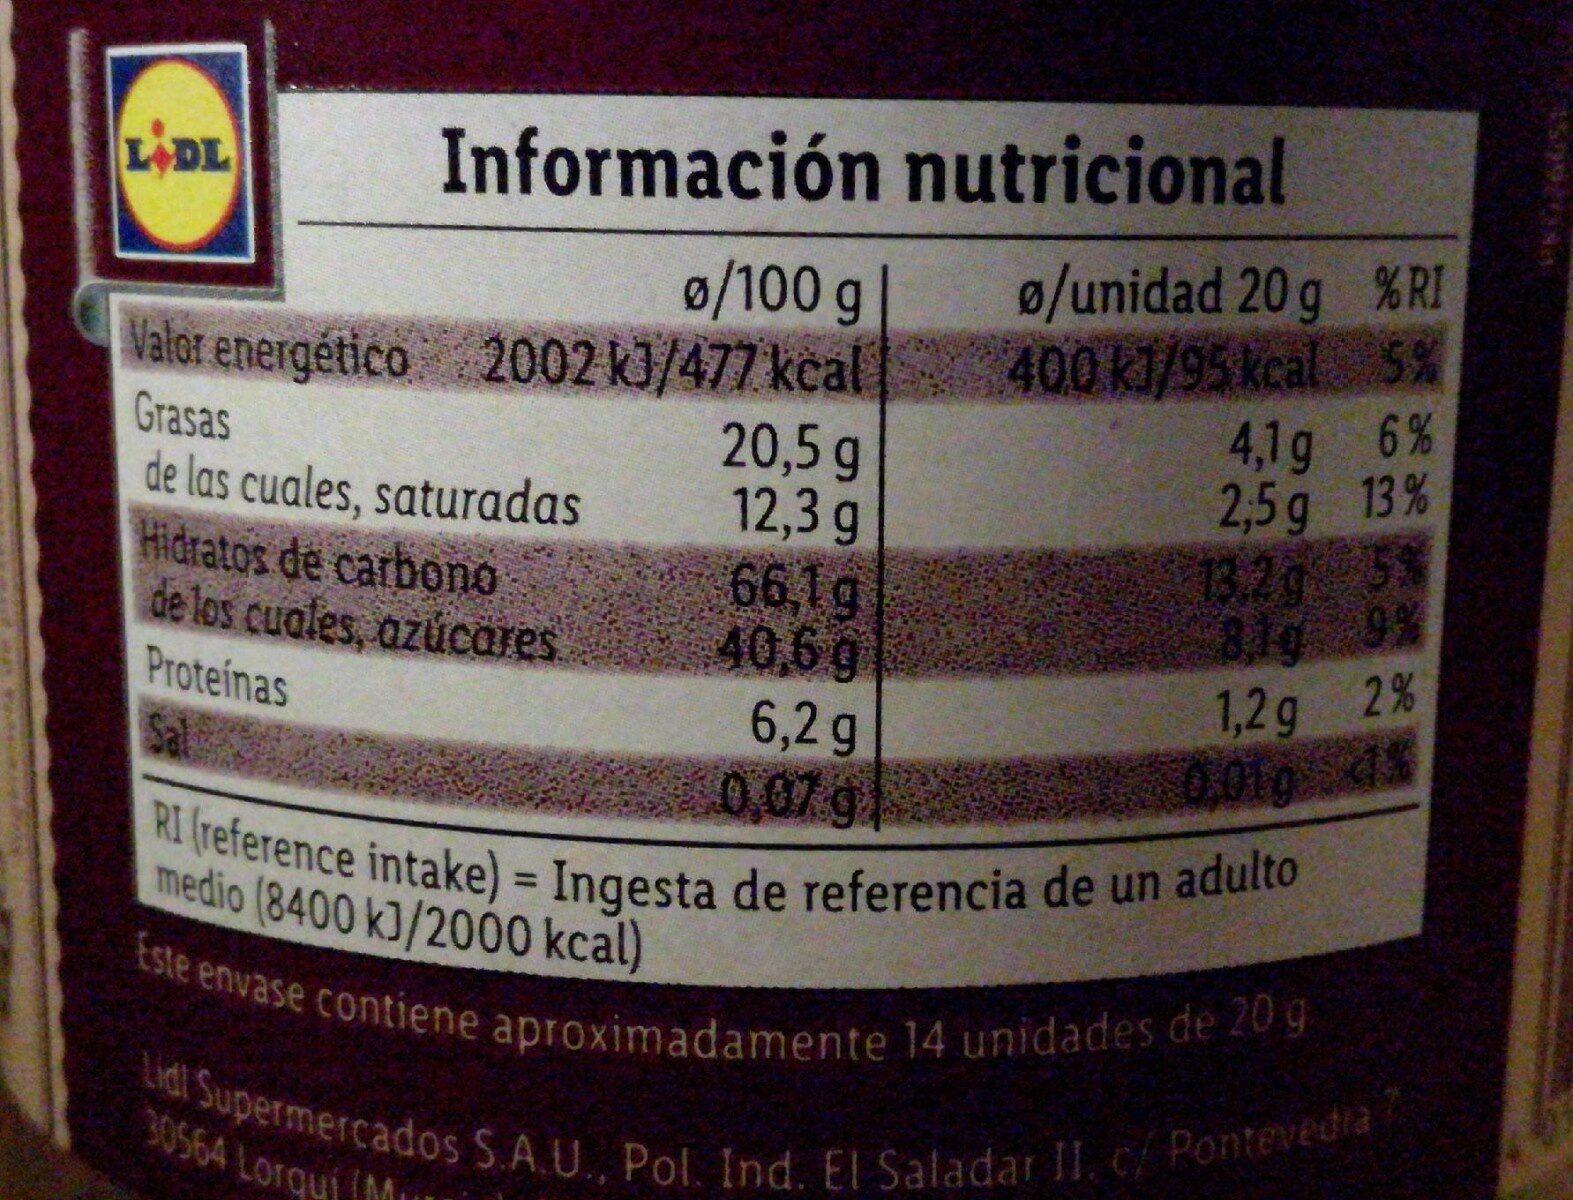 Barquillos tradicionales con chocolate negro - Nutrition facts - es